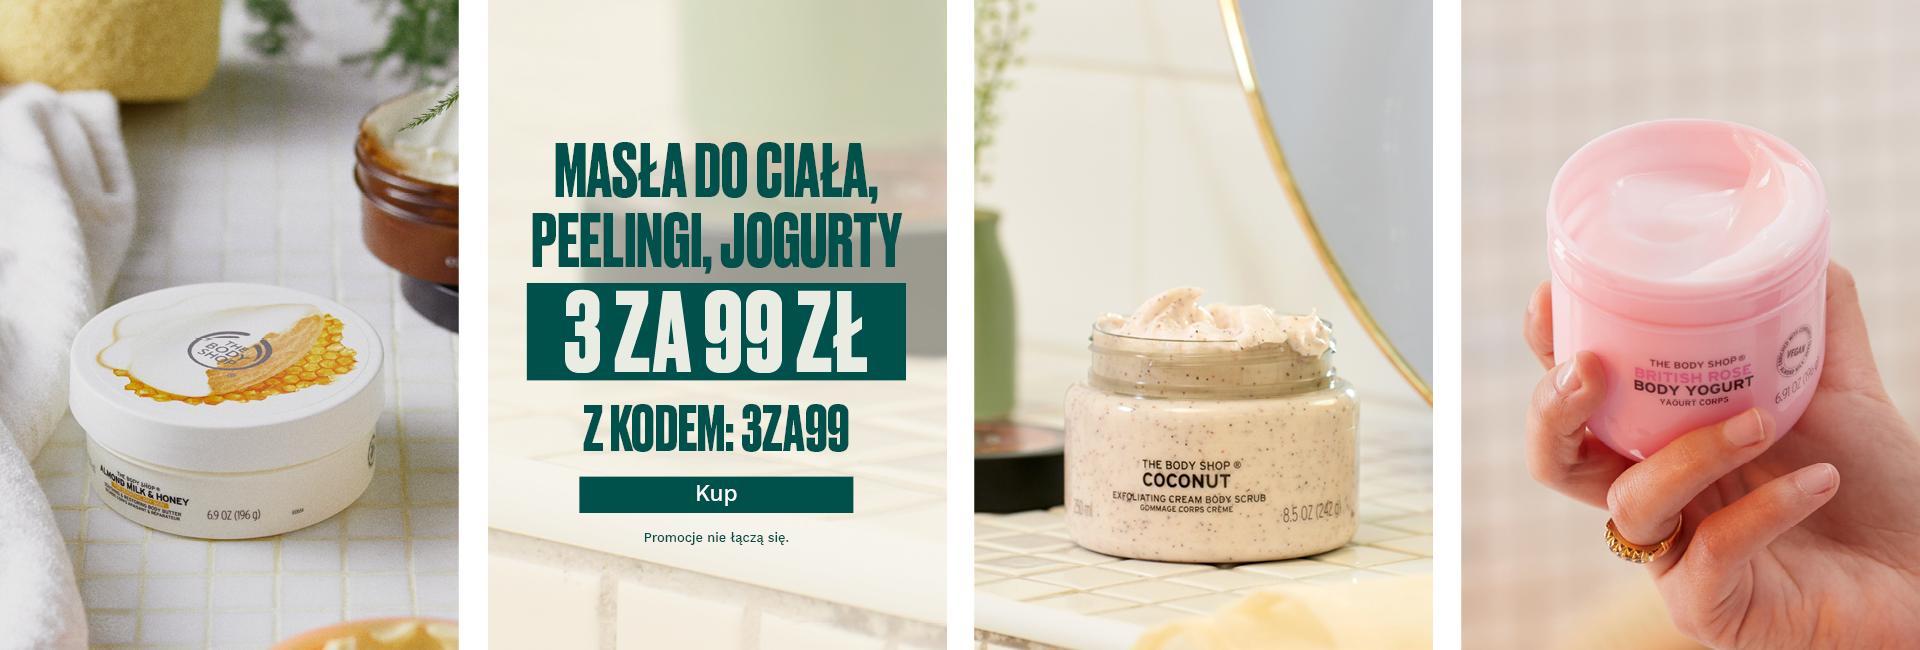 The Body Shop: 3 sztuki z asortymentu masła do ciała, peelingi, jogurty za 99 zł